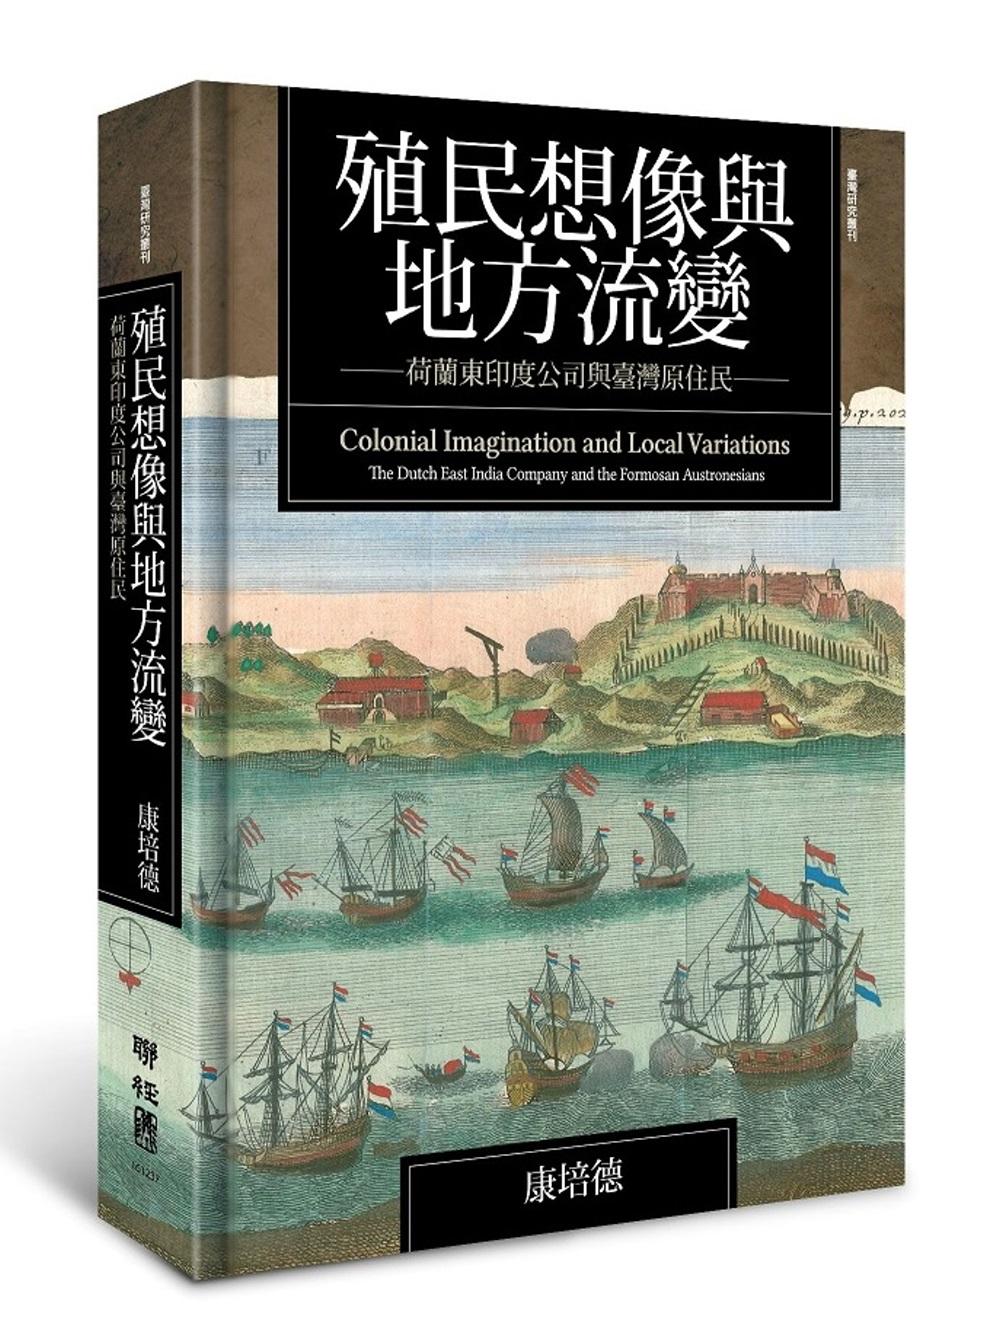 殖民想像與地方流變:荷蘭東印度公司與臺灣原住民